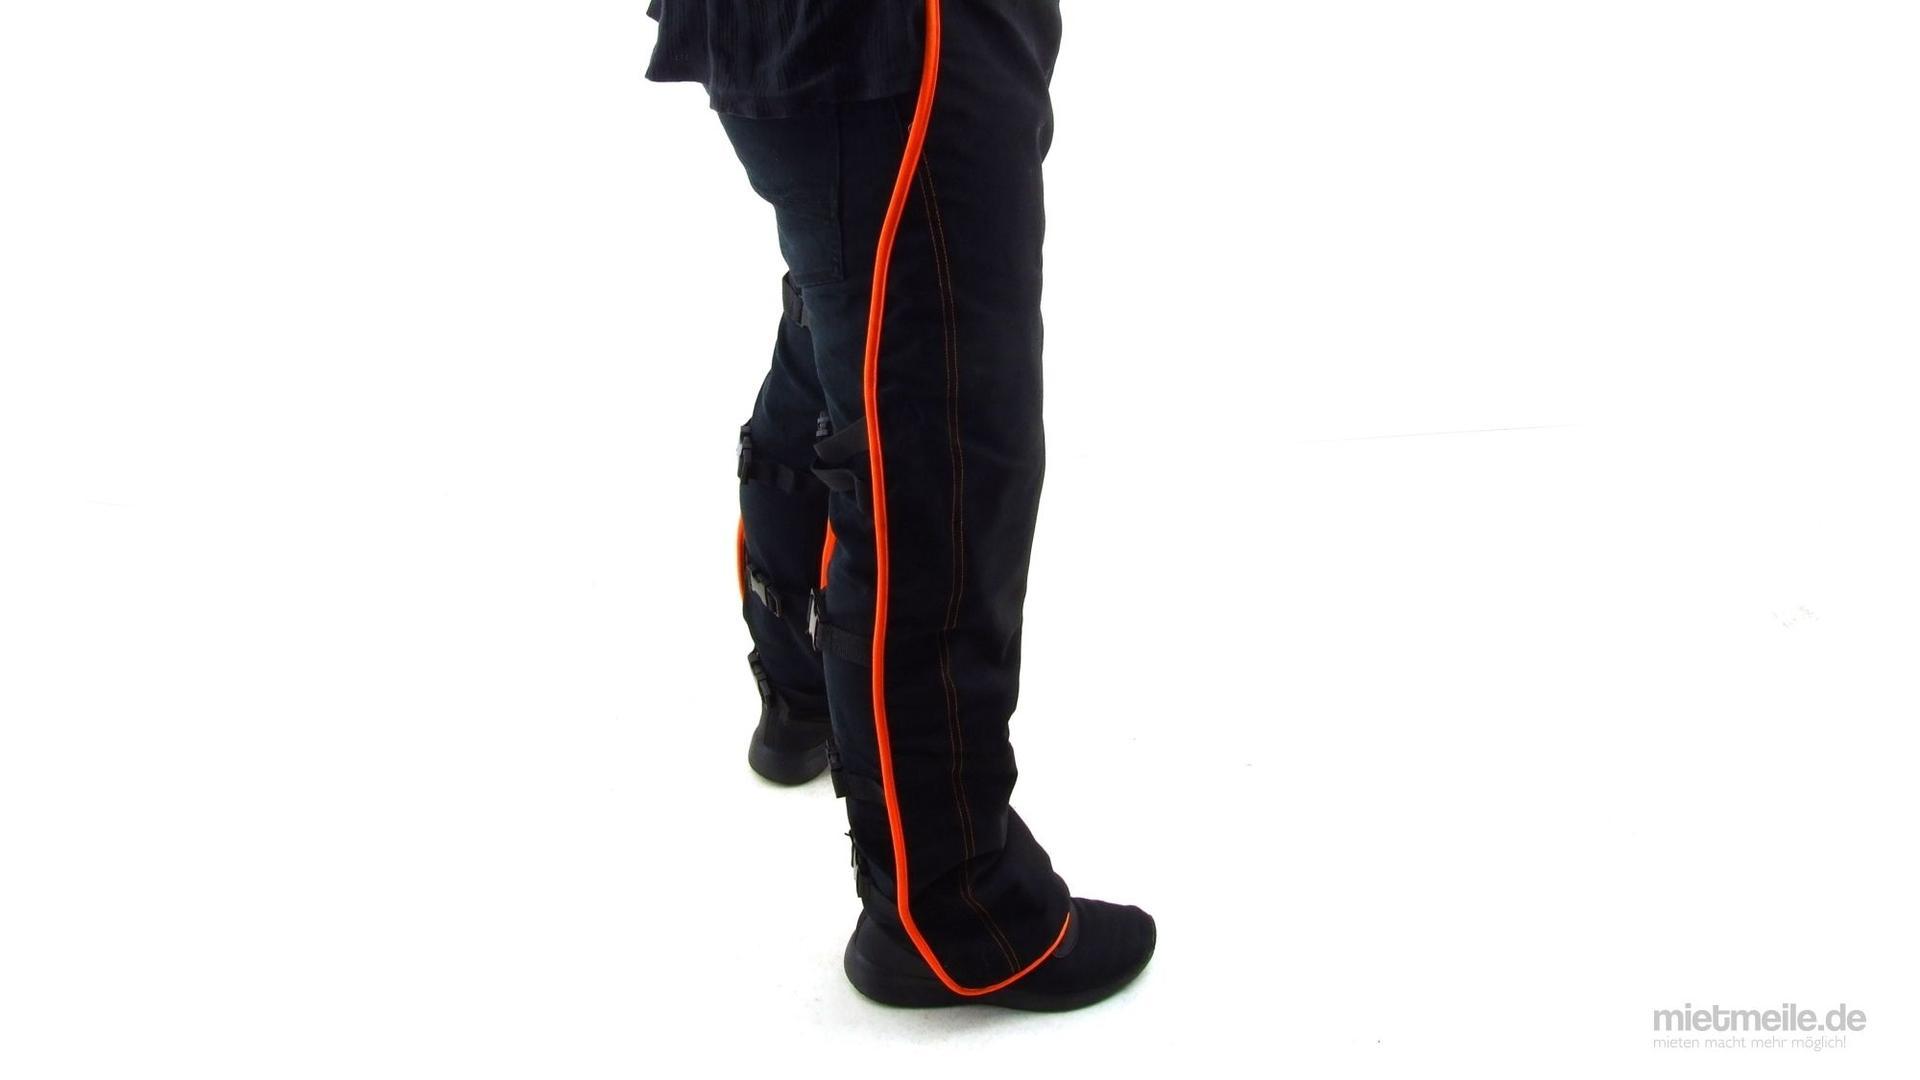 Arbeitsschutzausrüstung mieten & vermieten - Schnittschutzhose Klasse 1 Beinschutz in Schkeuditz